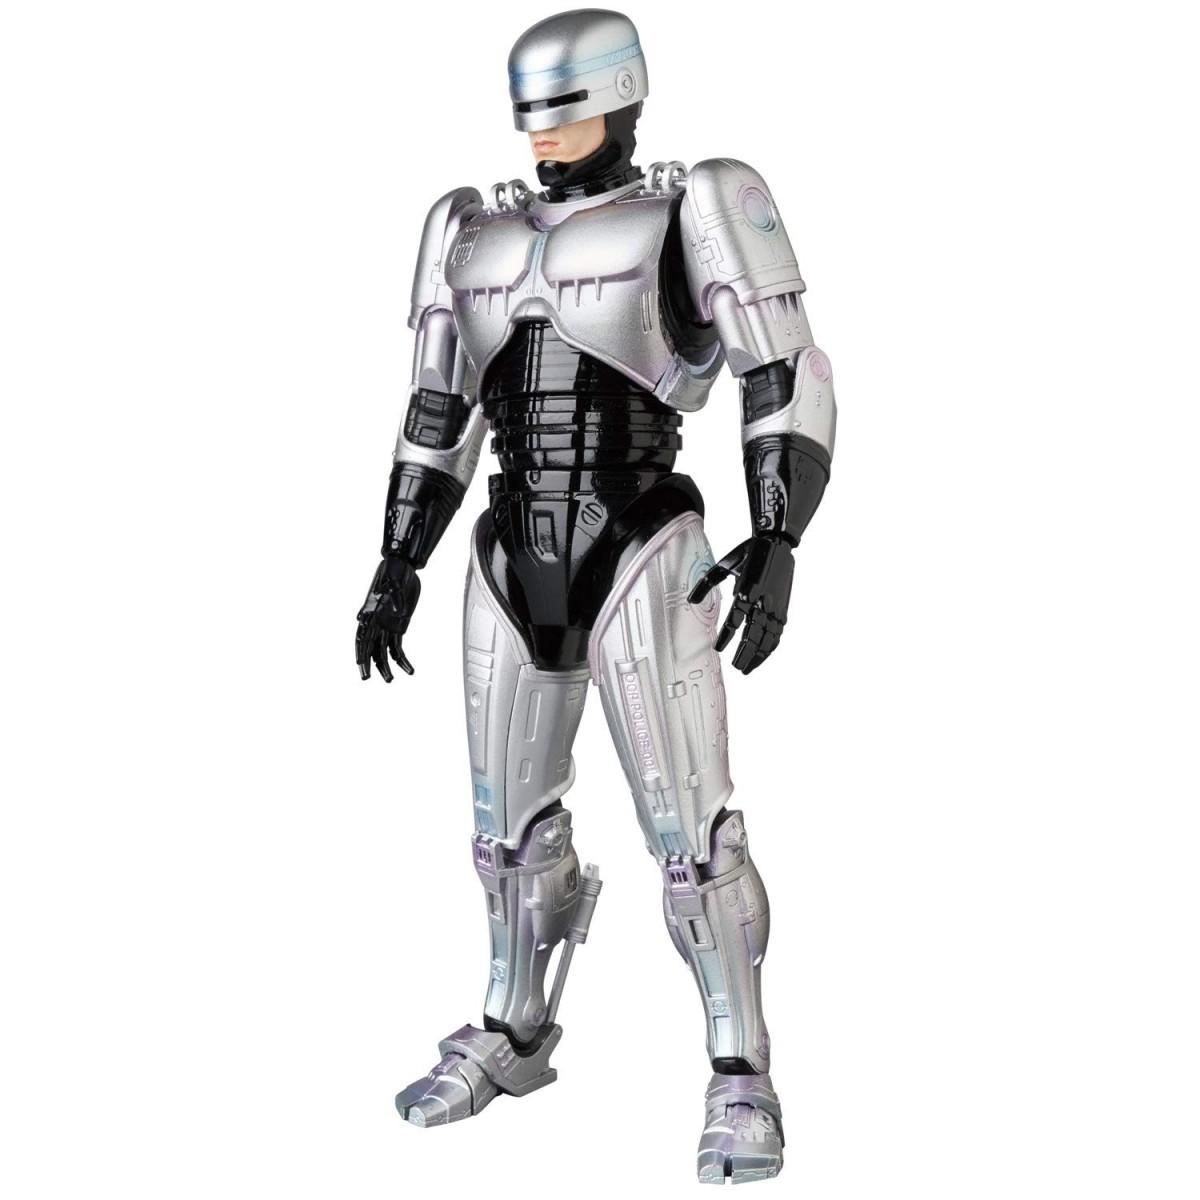 Mafex Robocop 3 Action Figure